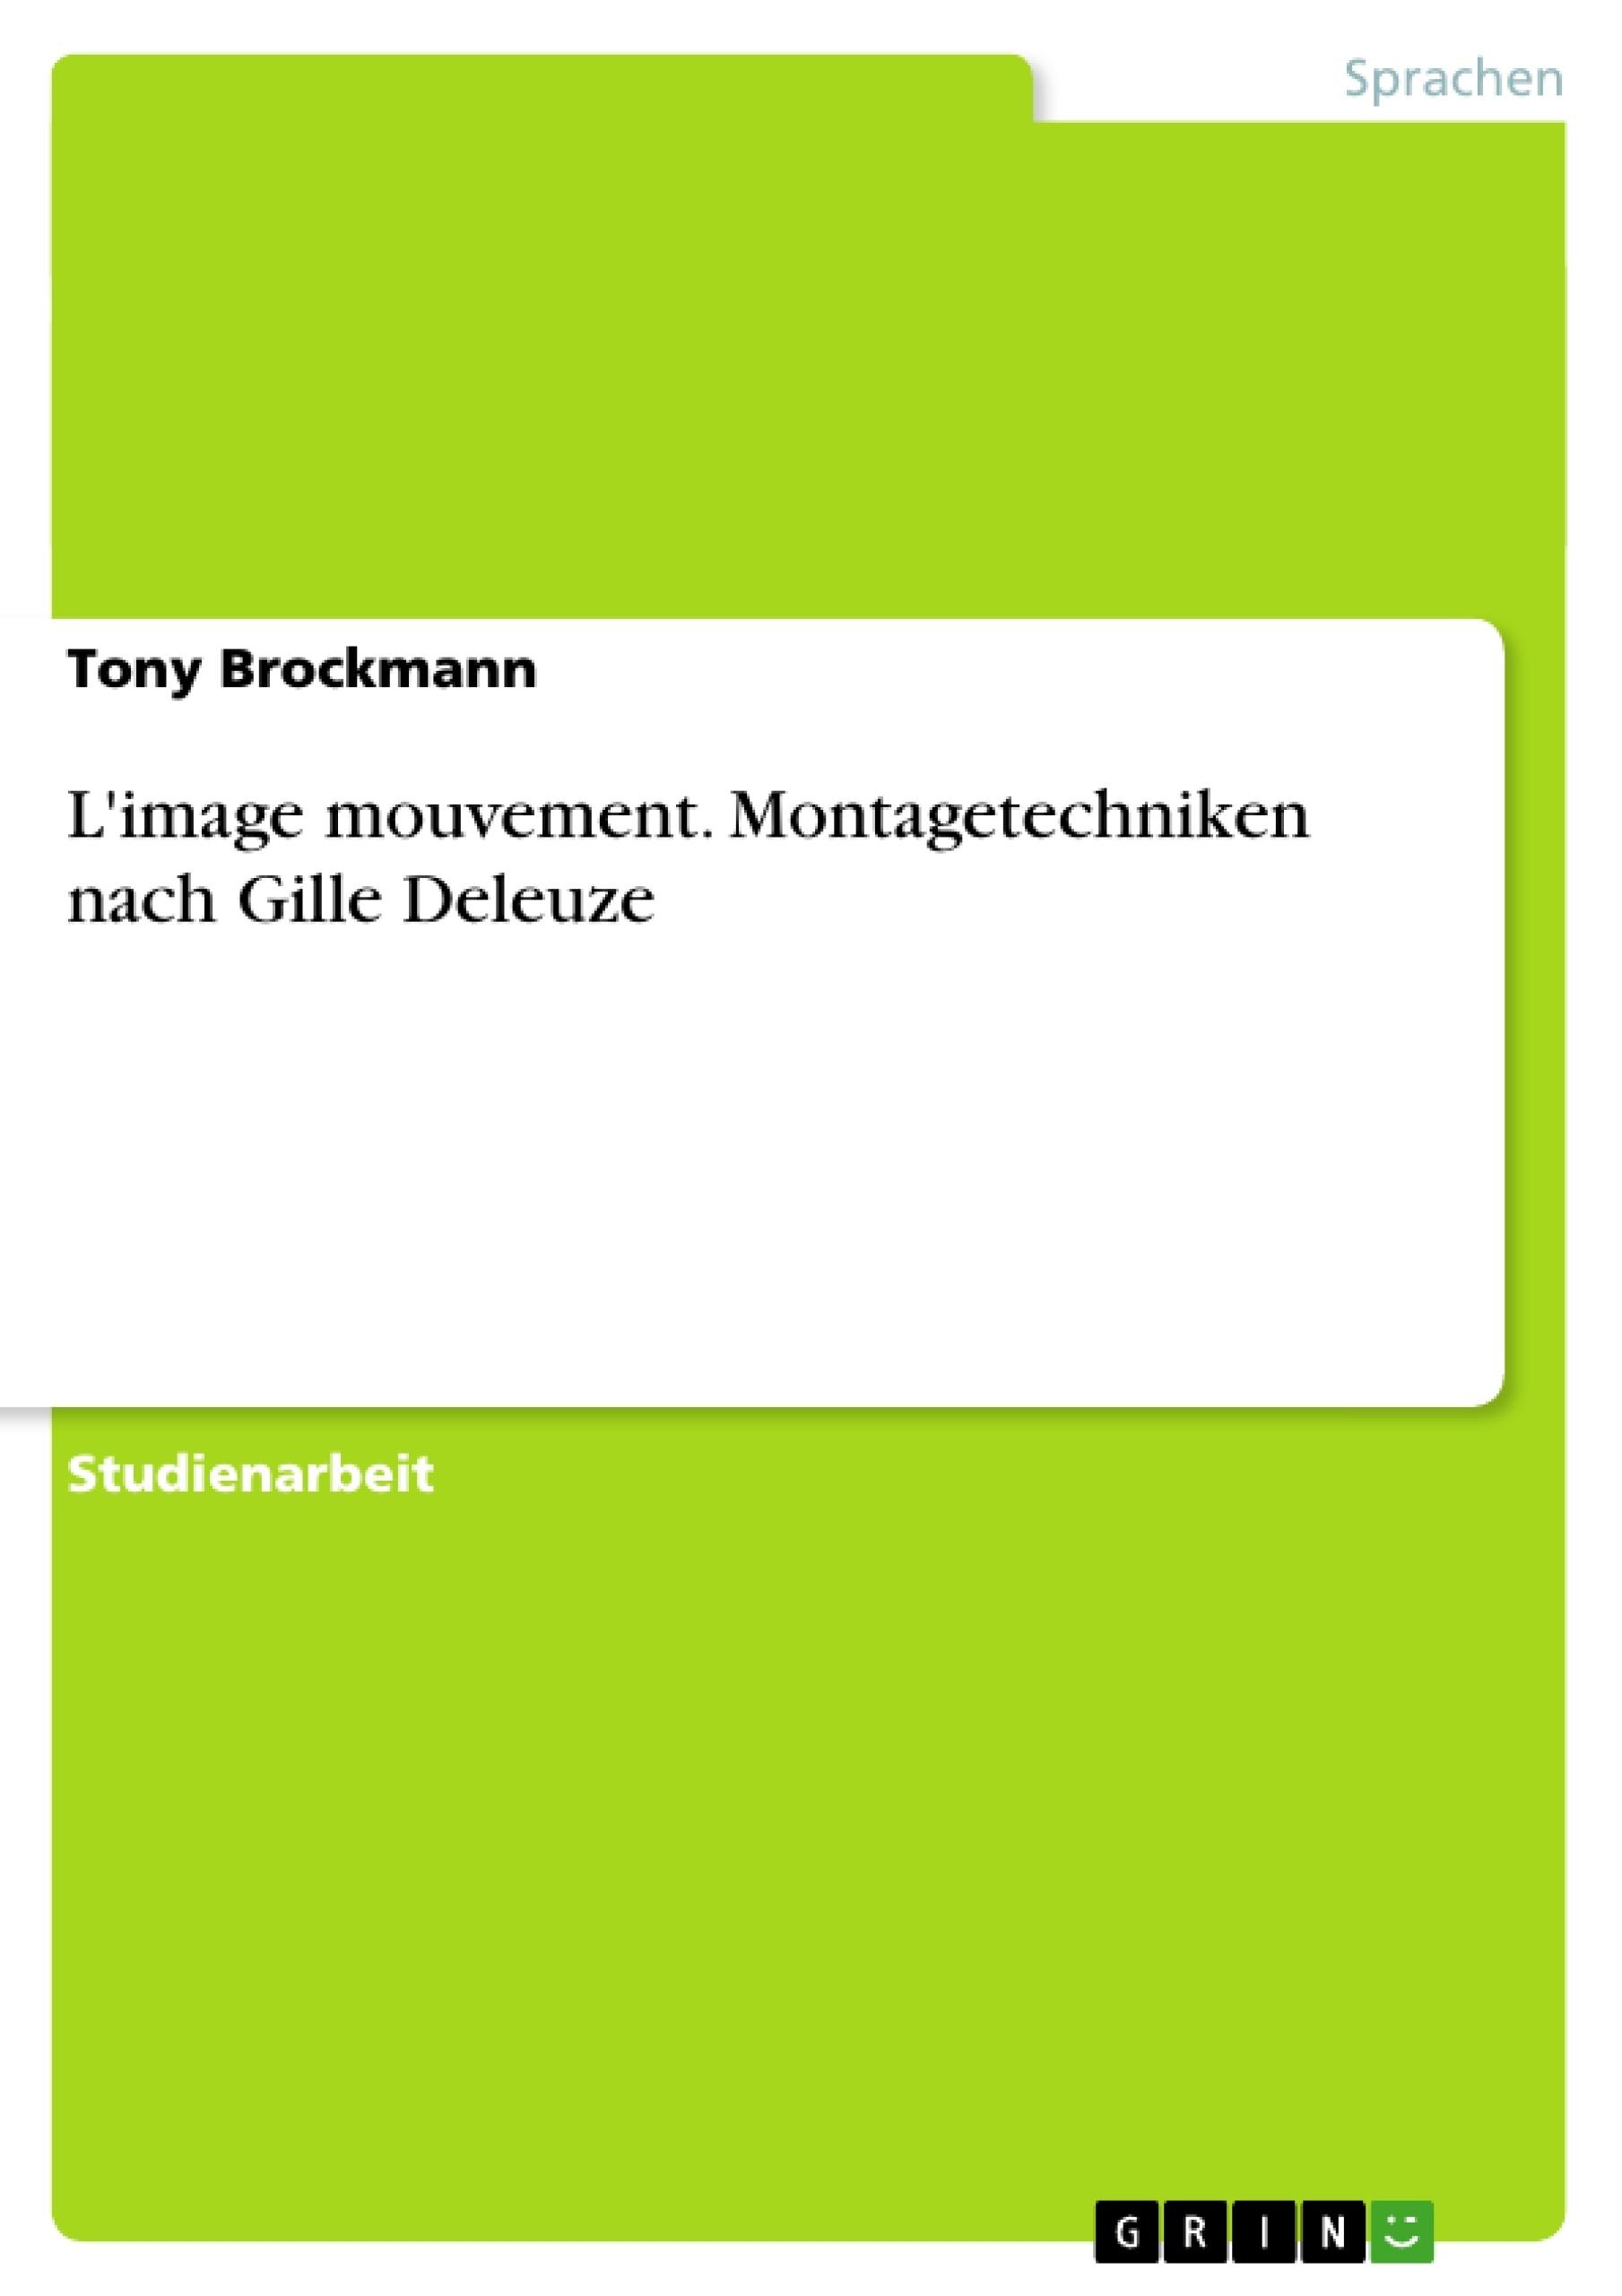 Titel: L'image mouvement. Montagetechniken nach Gille Deleuze